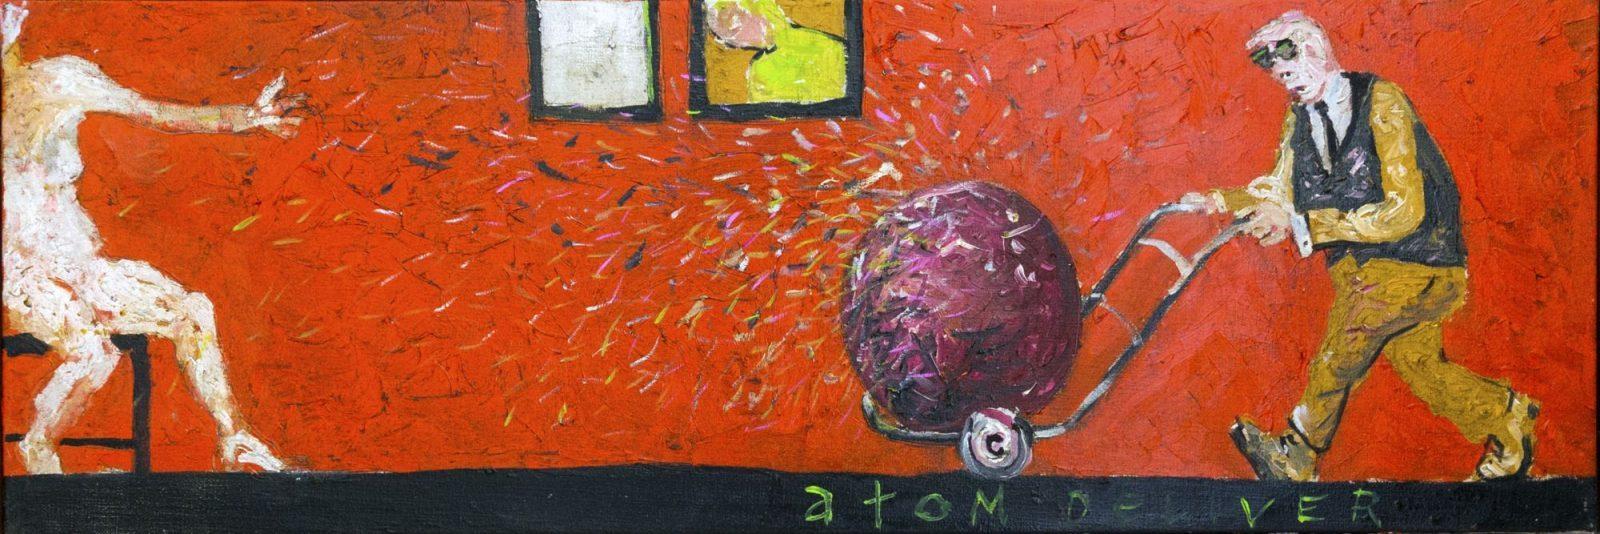 franyo aatoth: Atom Deliver